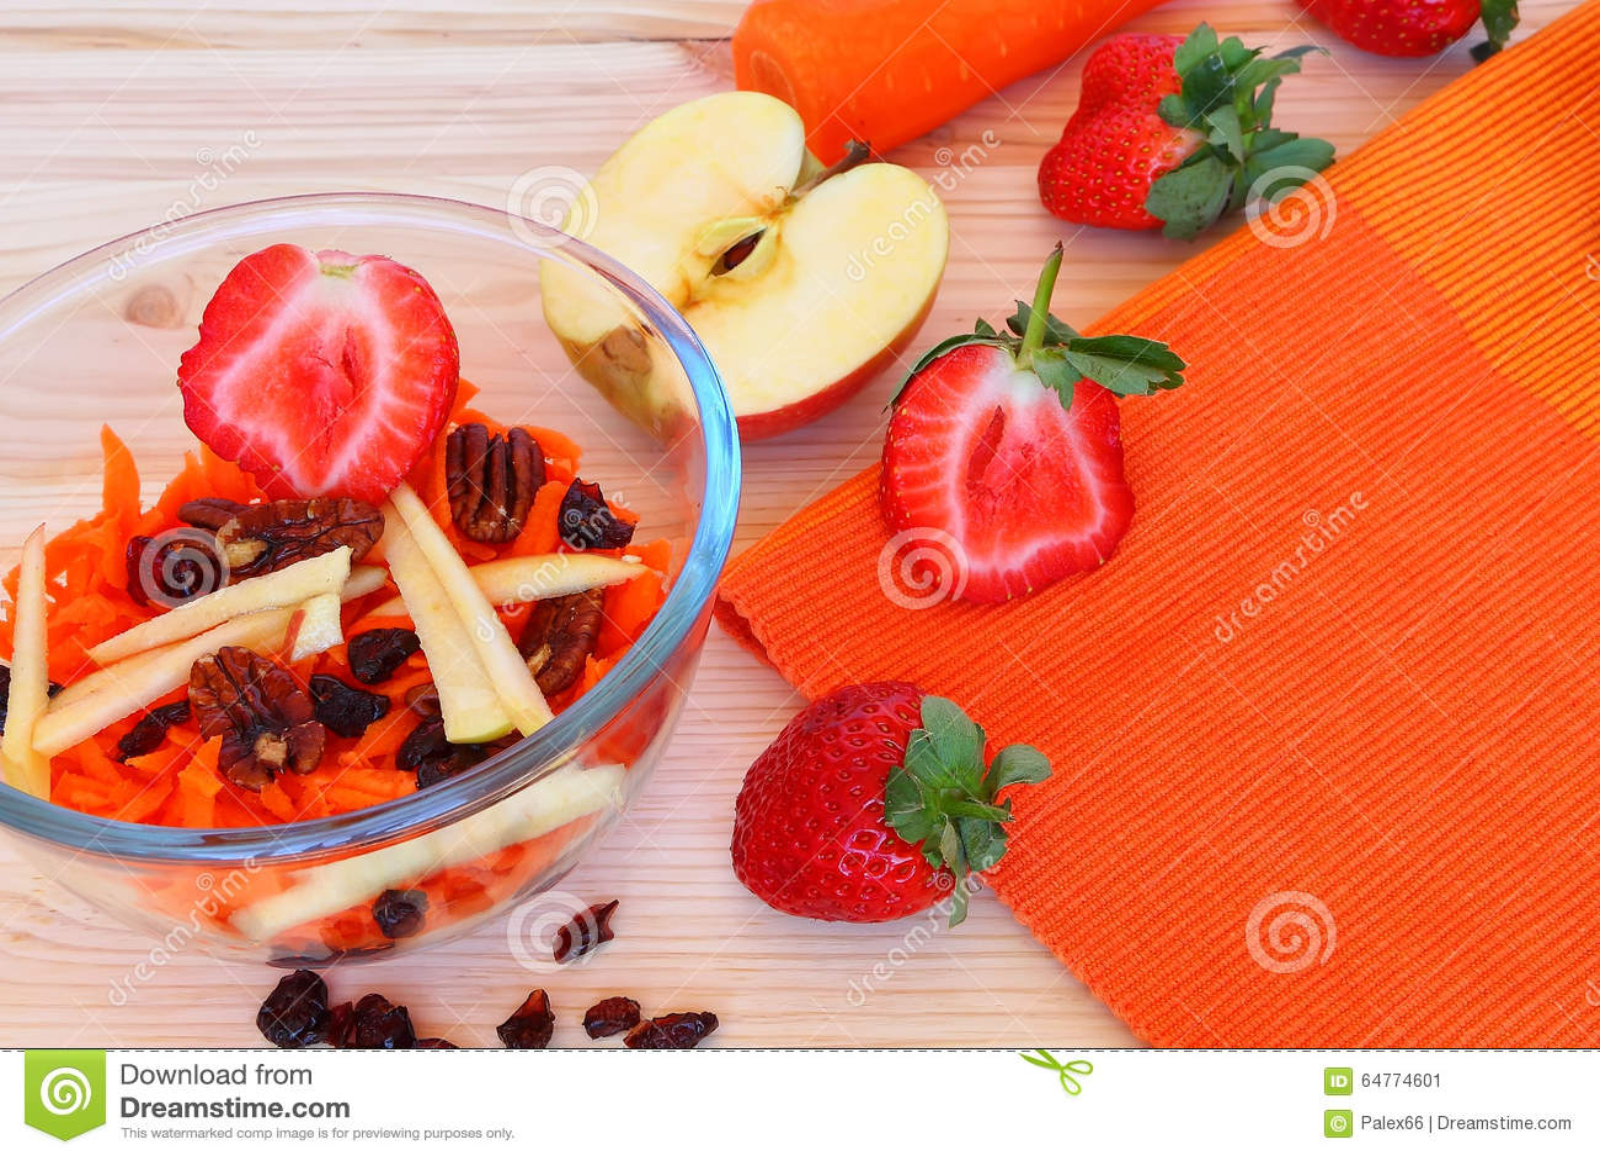 Zdrowe jedzenie wegetarianin